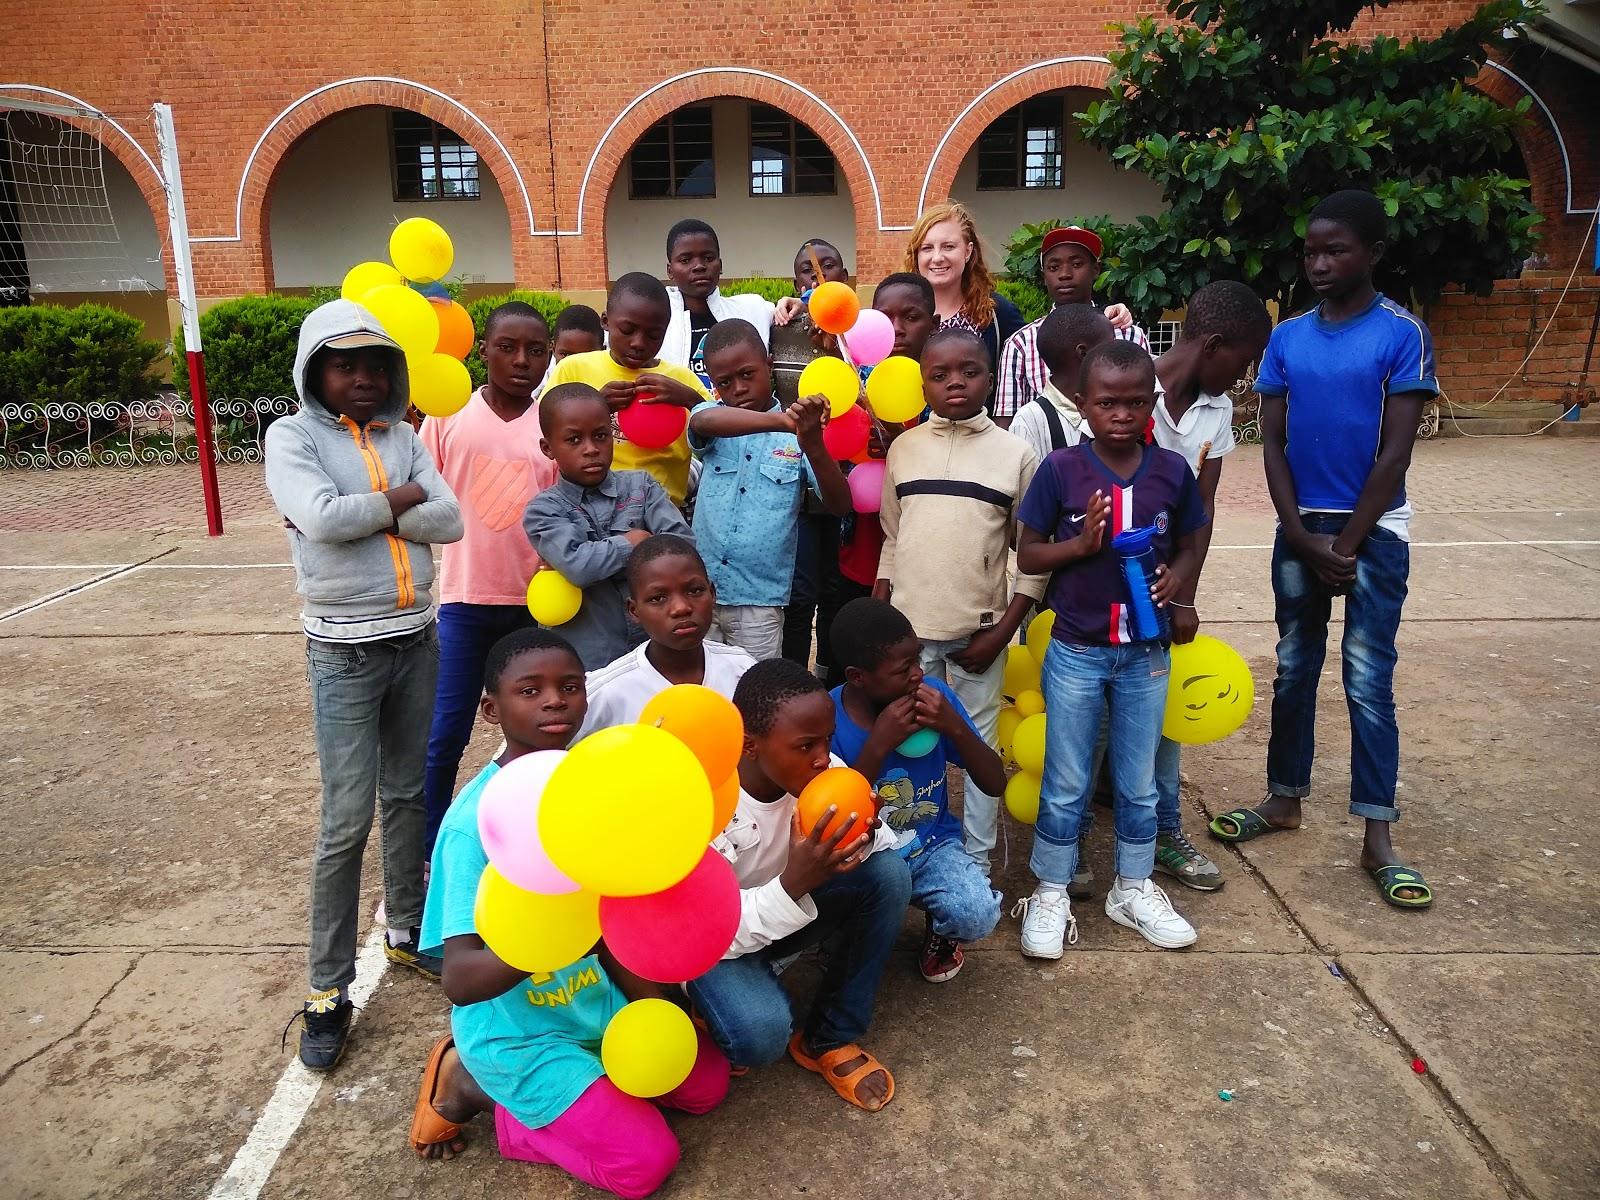 Neobyčejné příběhy obyčejné dobrovolnice v Kongu